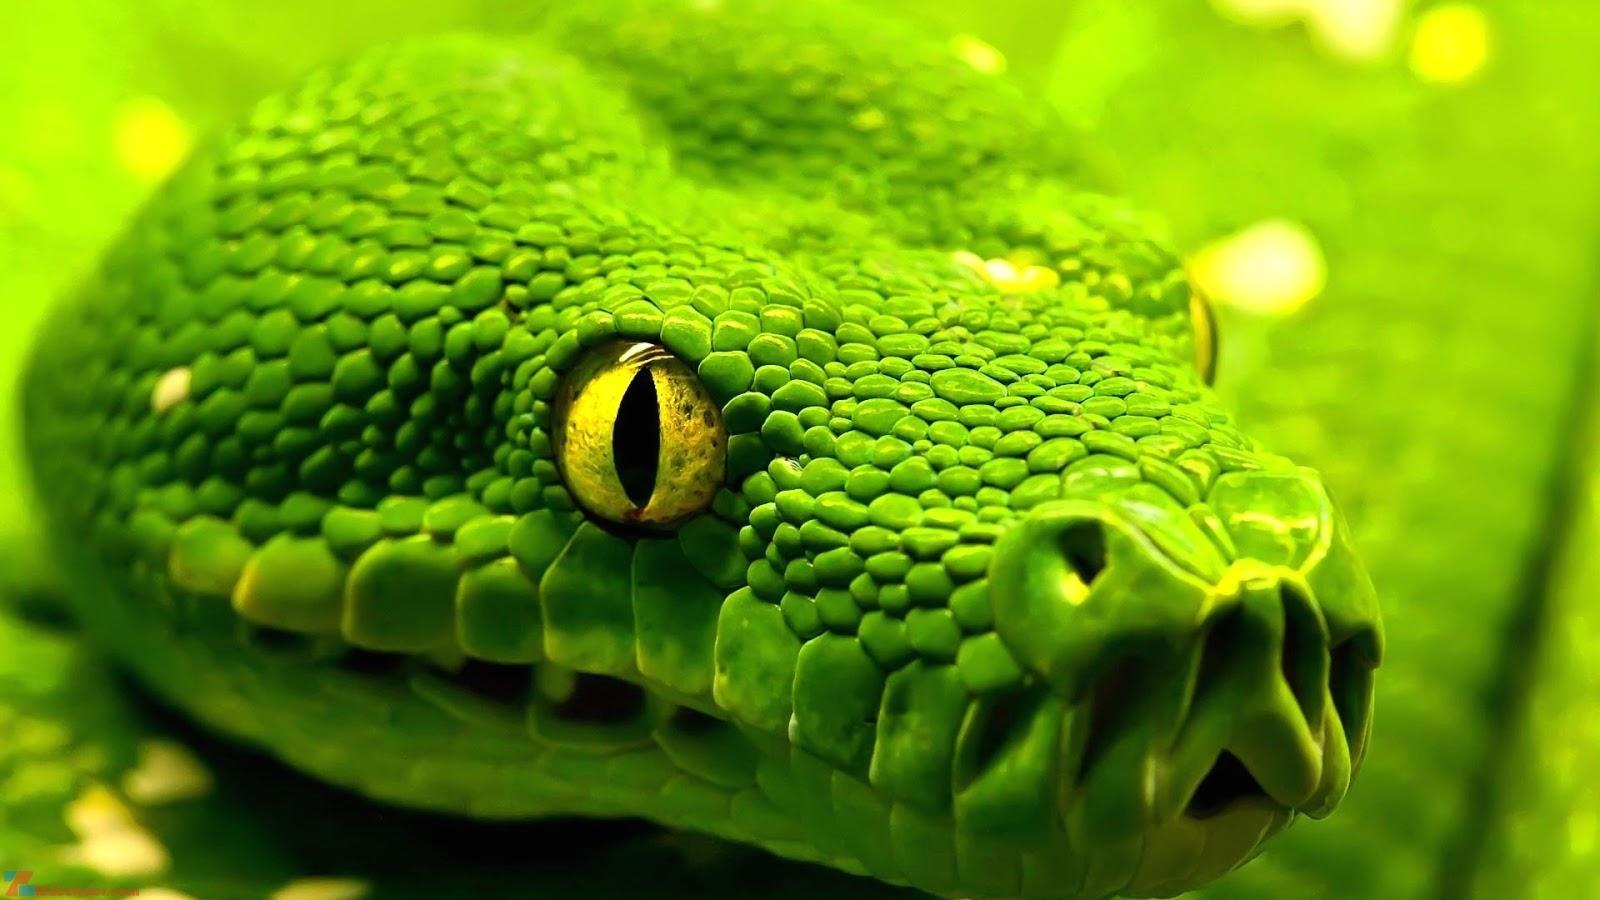 nằm mơ thấy rắn đánh con gì